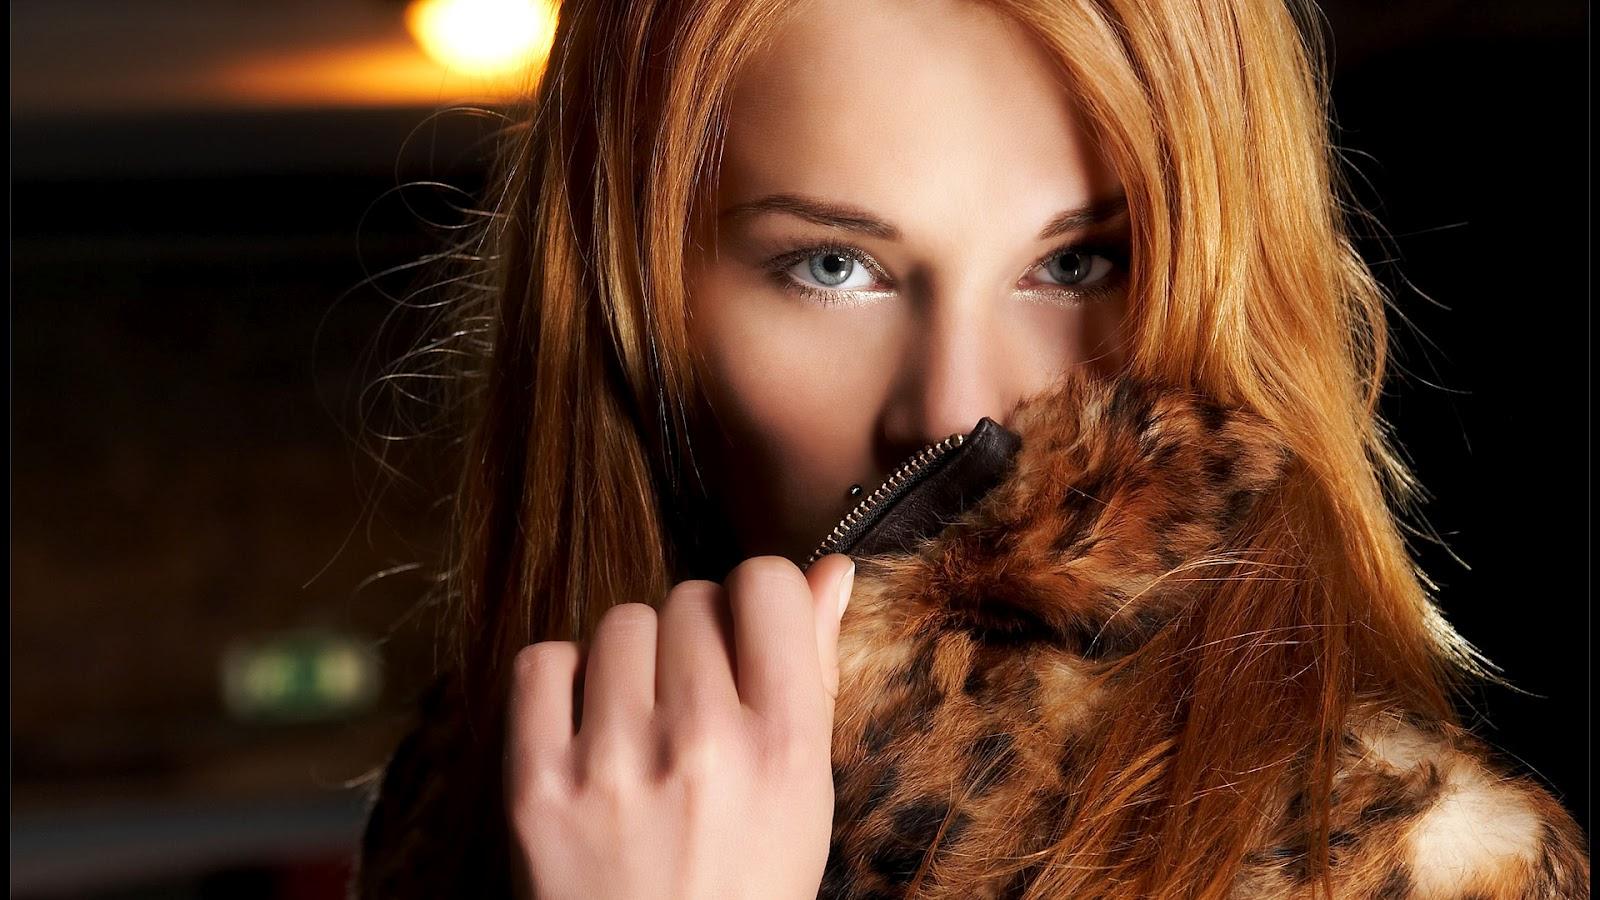 http://2.bp.blogspot.com/-XF2drrgI6tA/T4ApB-KchaI/AAAAAAAAAt8/RRTkeMzCen8/s1600/shy+beautiful+girl.jpg